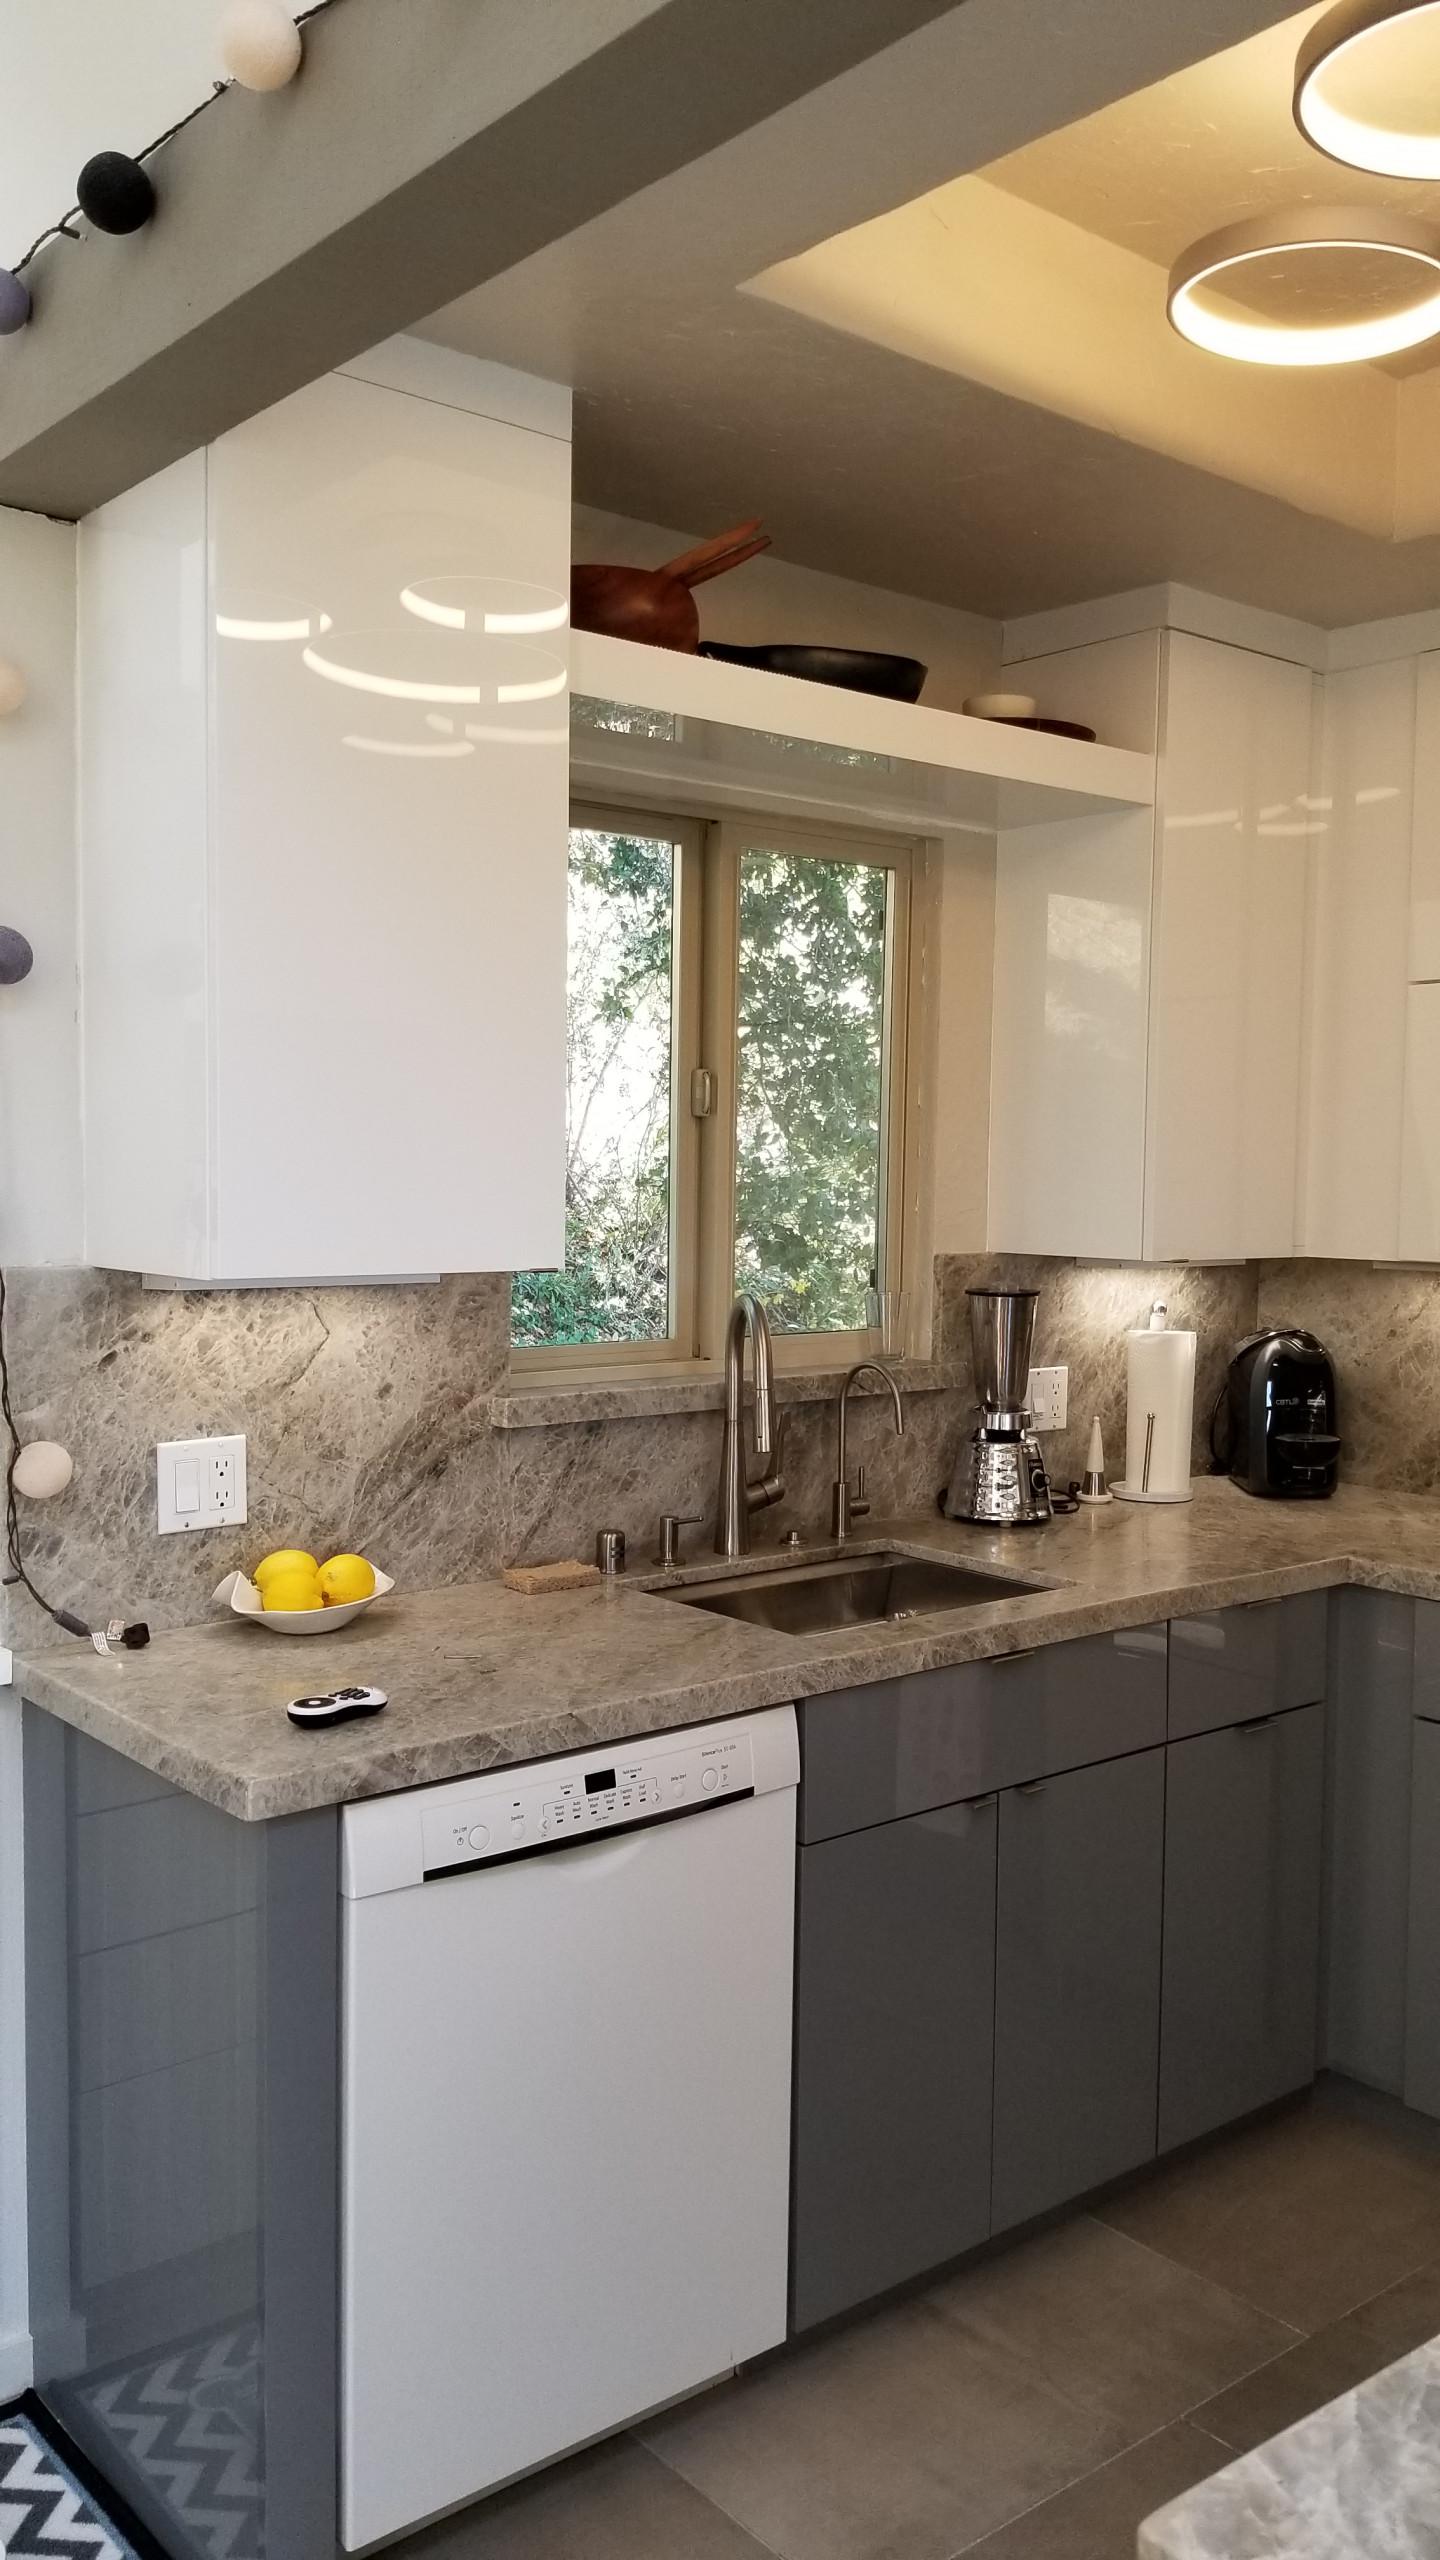 Santa Barbara, CA Kitchen Remodel